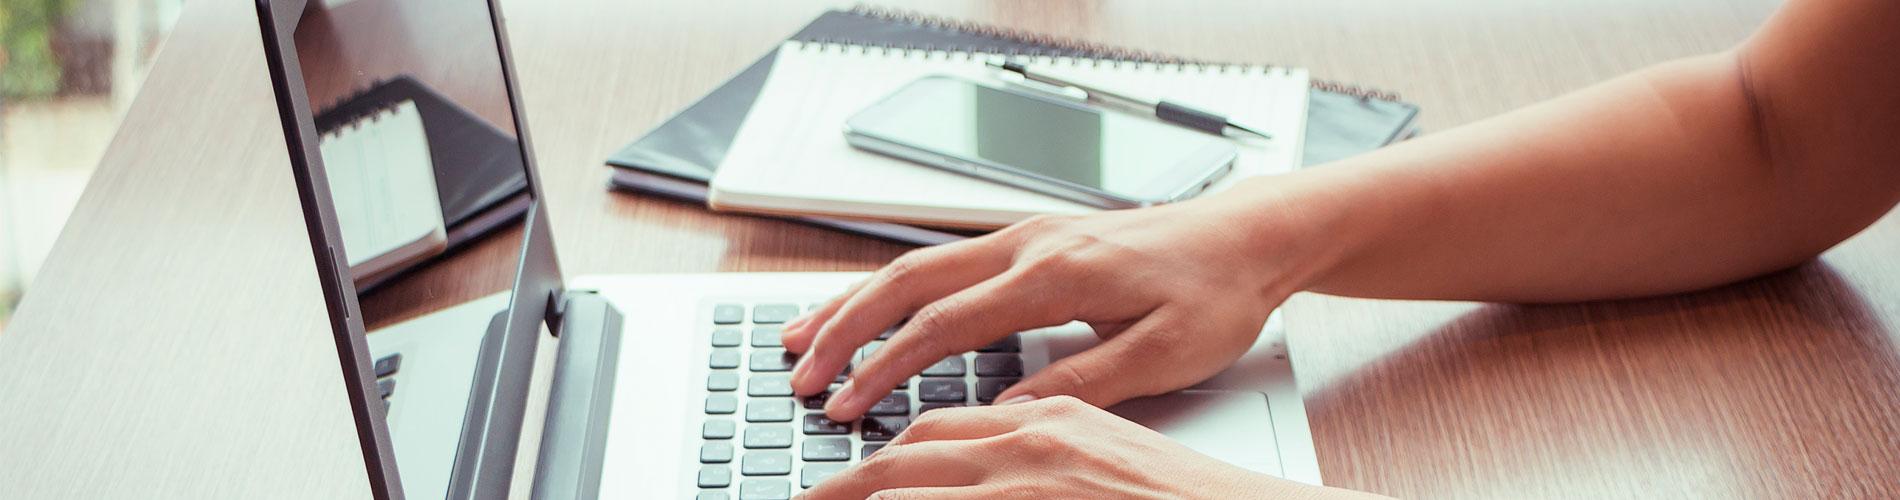 manos tecleando sobre un ordenador portátil. Junto a él, unos cuadernos, un móvil y un bolígrafo